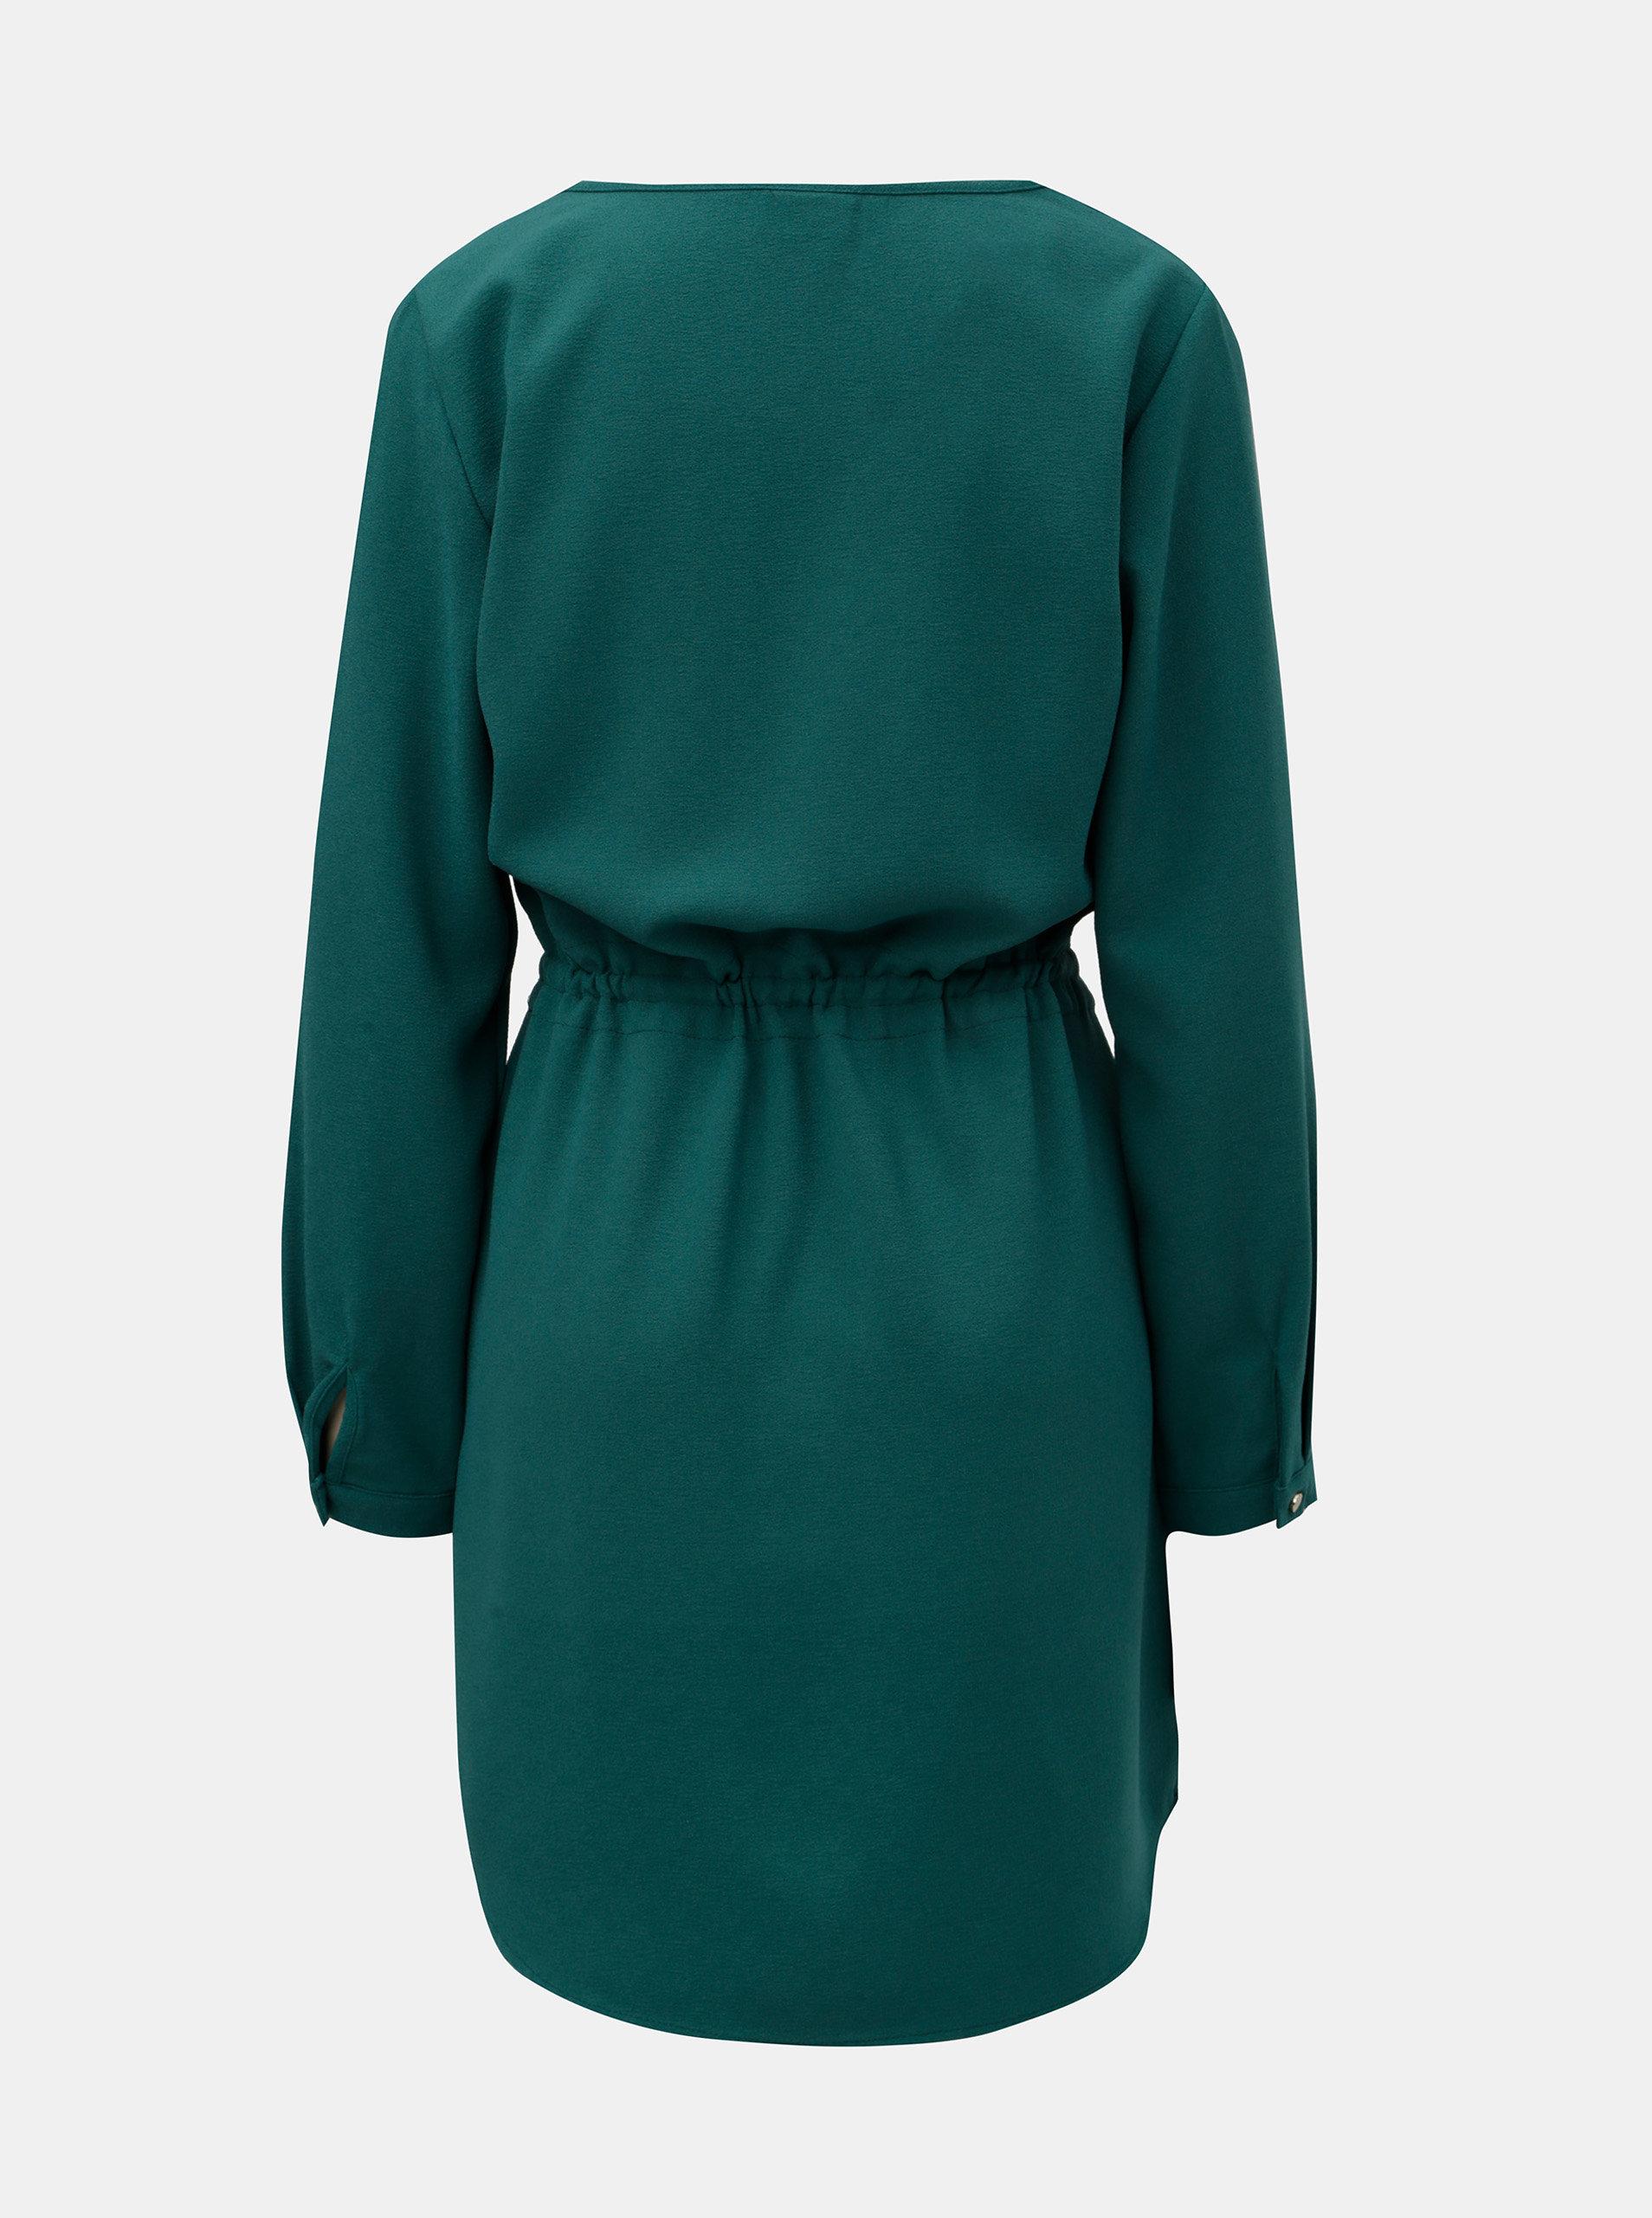 34c9763a8276 Zelené šaty s dlouhým rukávem VILA Visealo ...